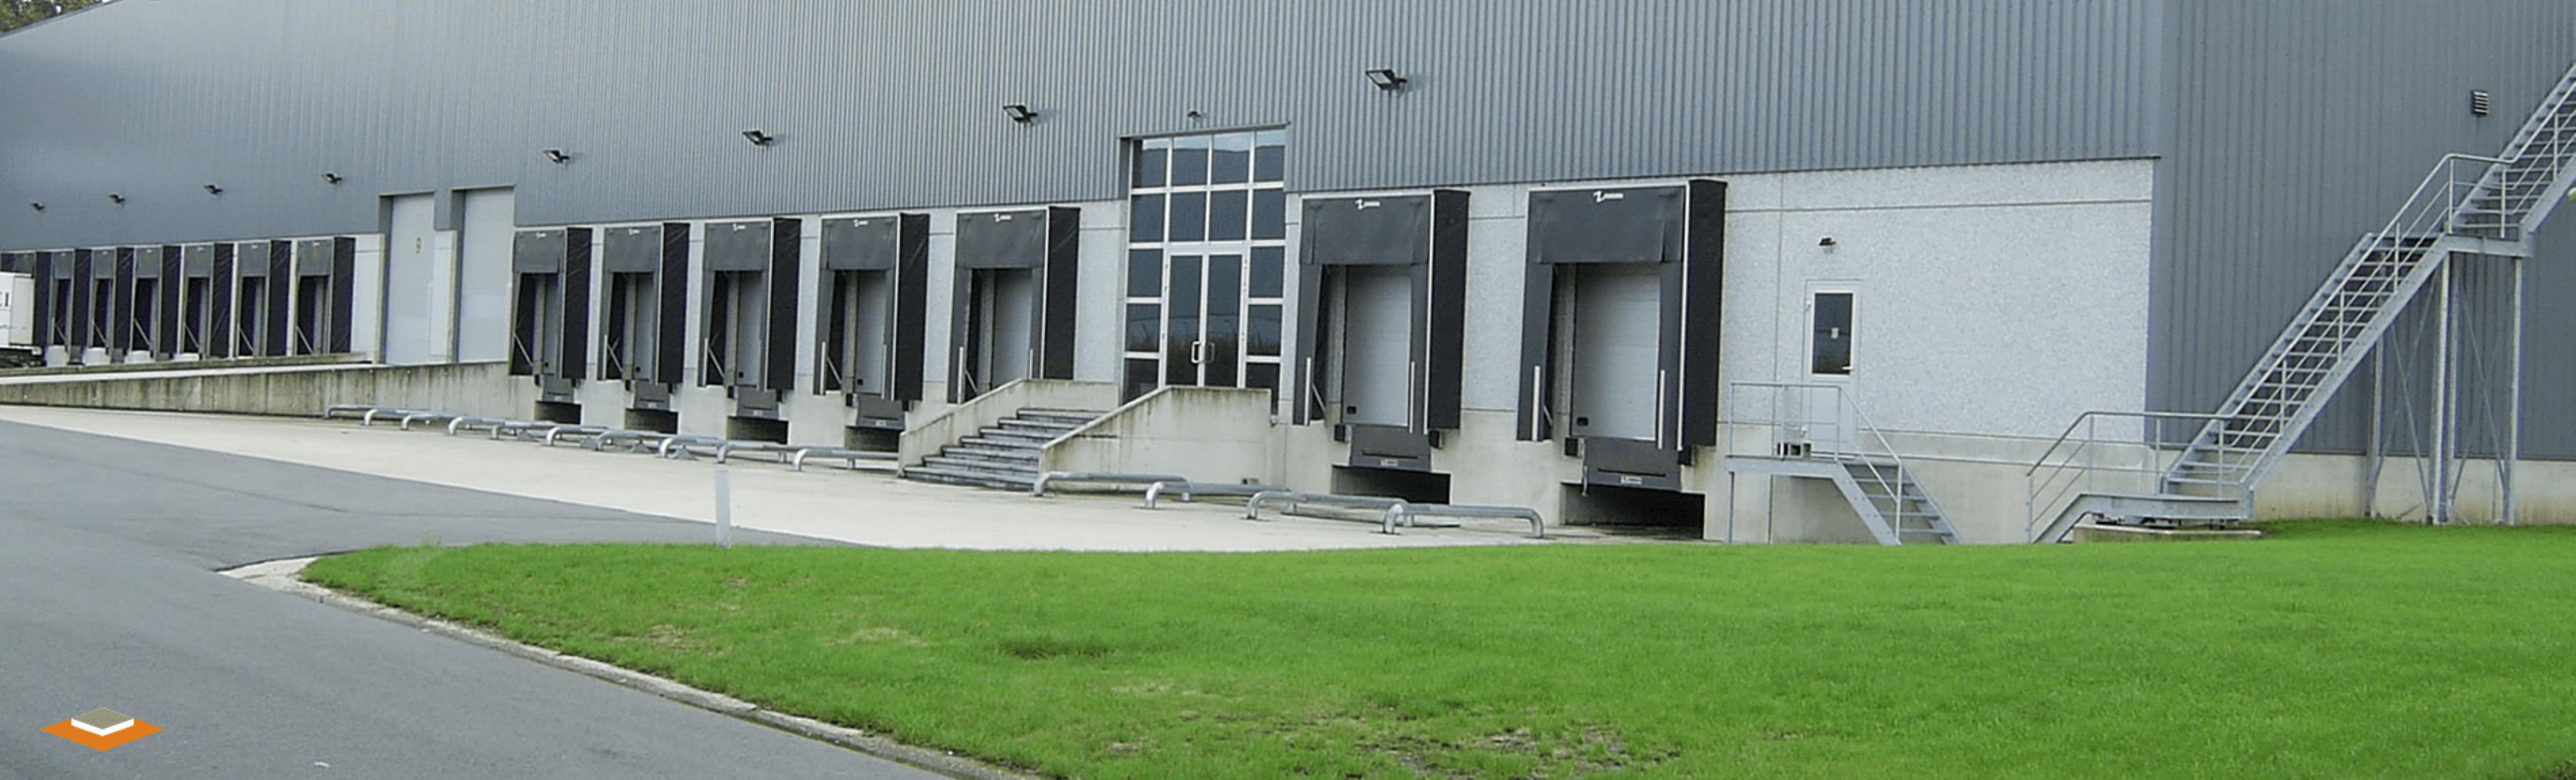 industrieel gebouw te huur I049 - Rijksweg 19, 2880 Bornem, België 1